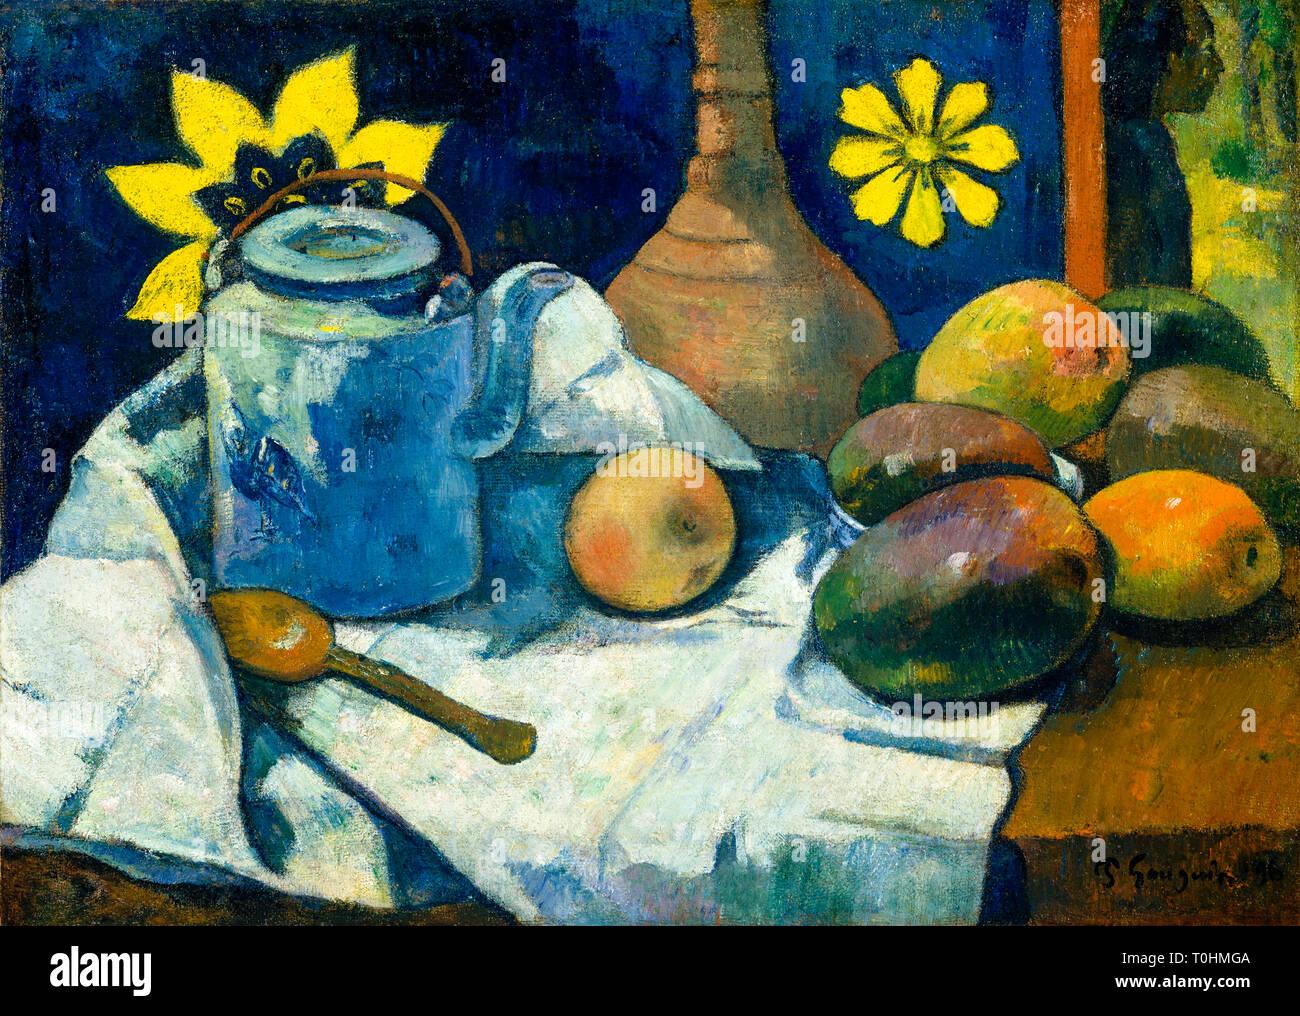 Paul Gauguin, Bodegón con tetera y frutas, pintura, 1896 Imagen De Stock